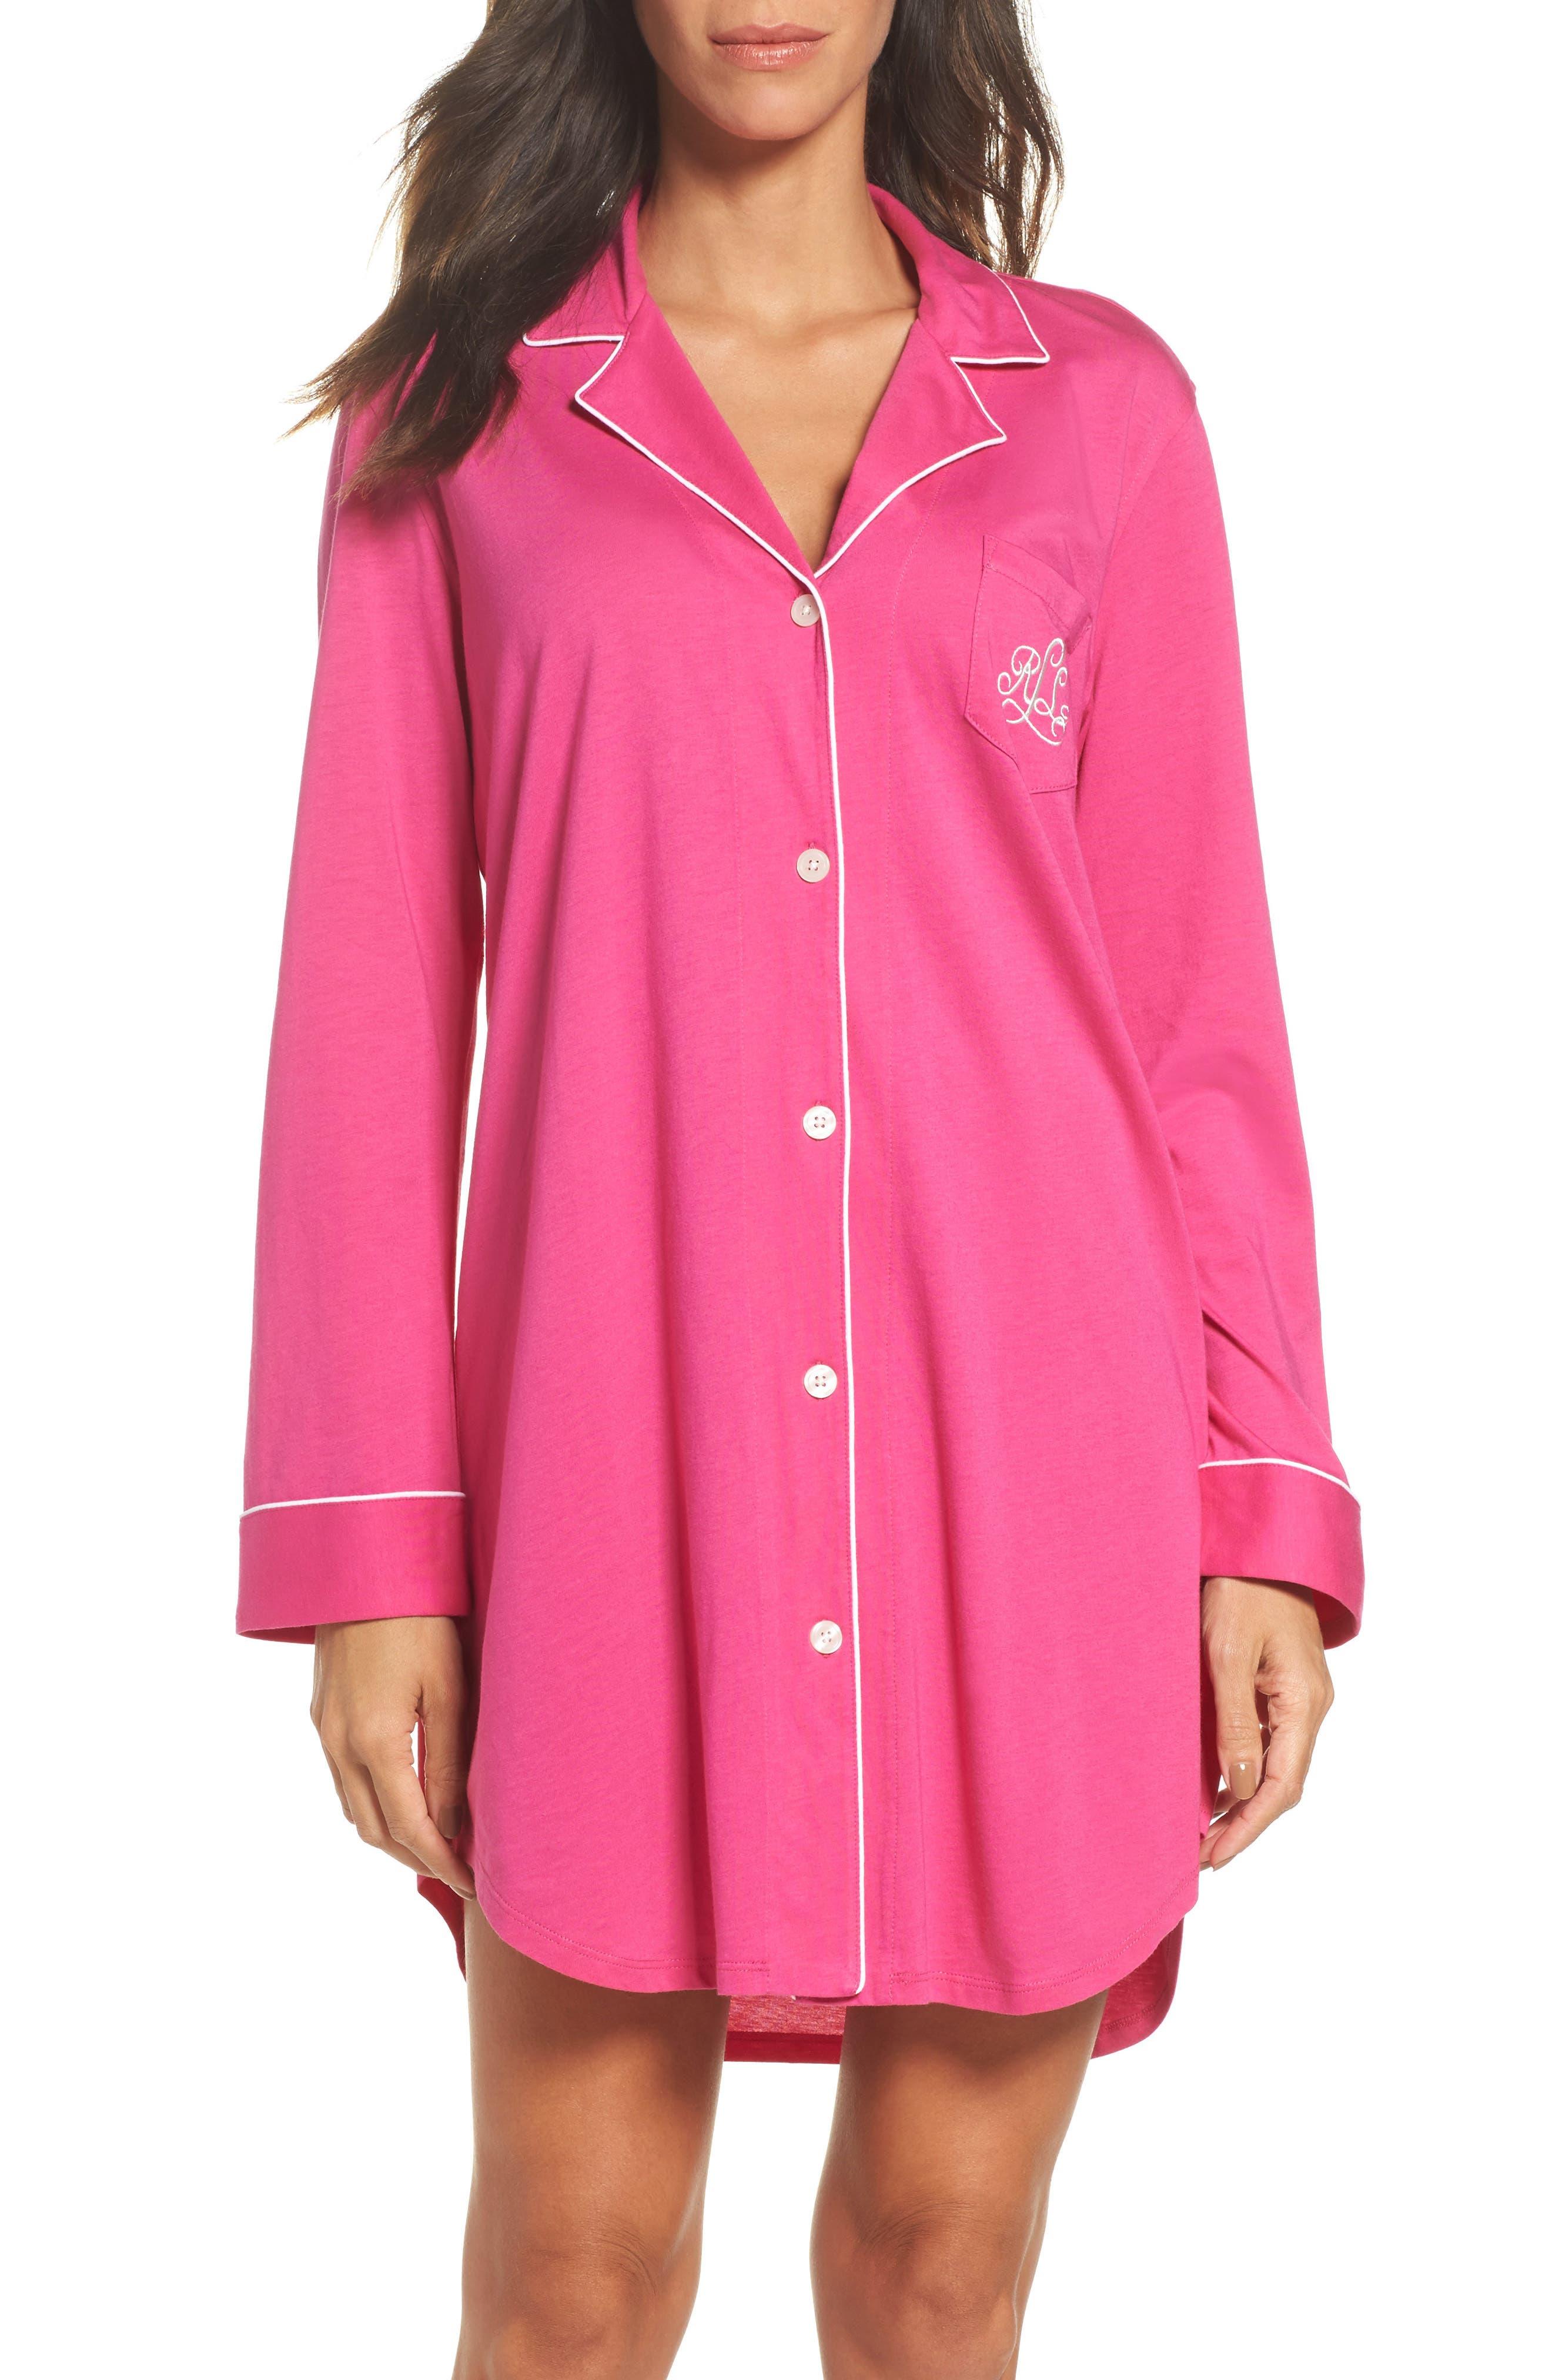 Alternate Image 1 Selected - Lauren Ralph Lauren Knit Nightshirt (Online Only)